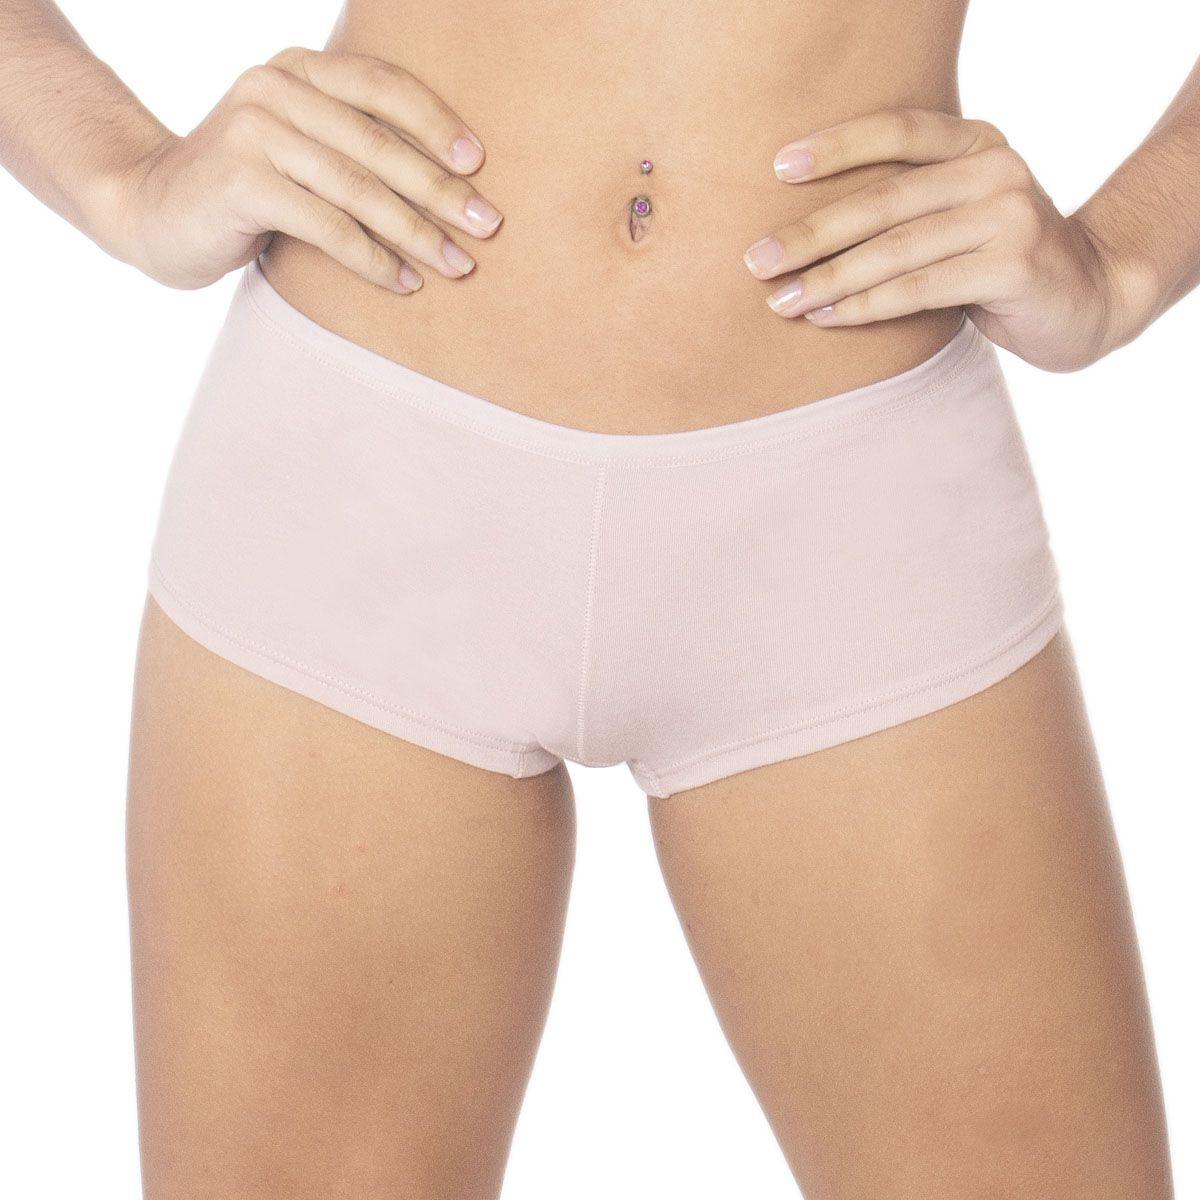 Calcinha de algodão modelo boxer coleção Gloss Econfort